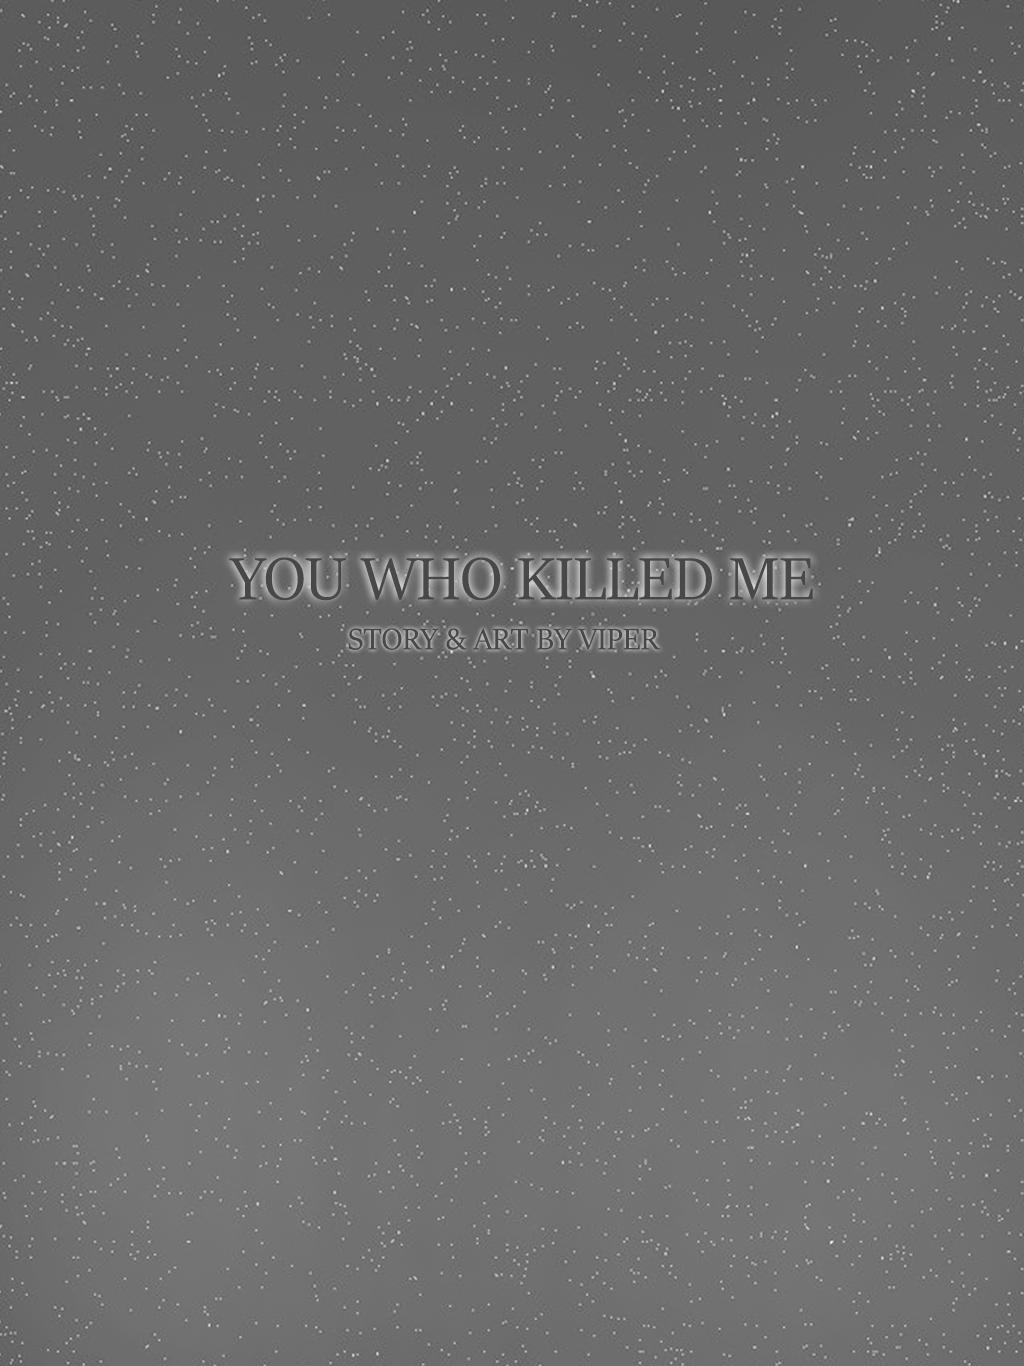 EP.1 - BEFORE WE MET